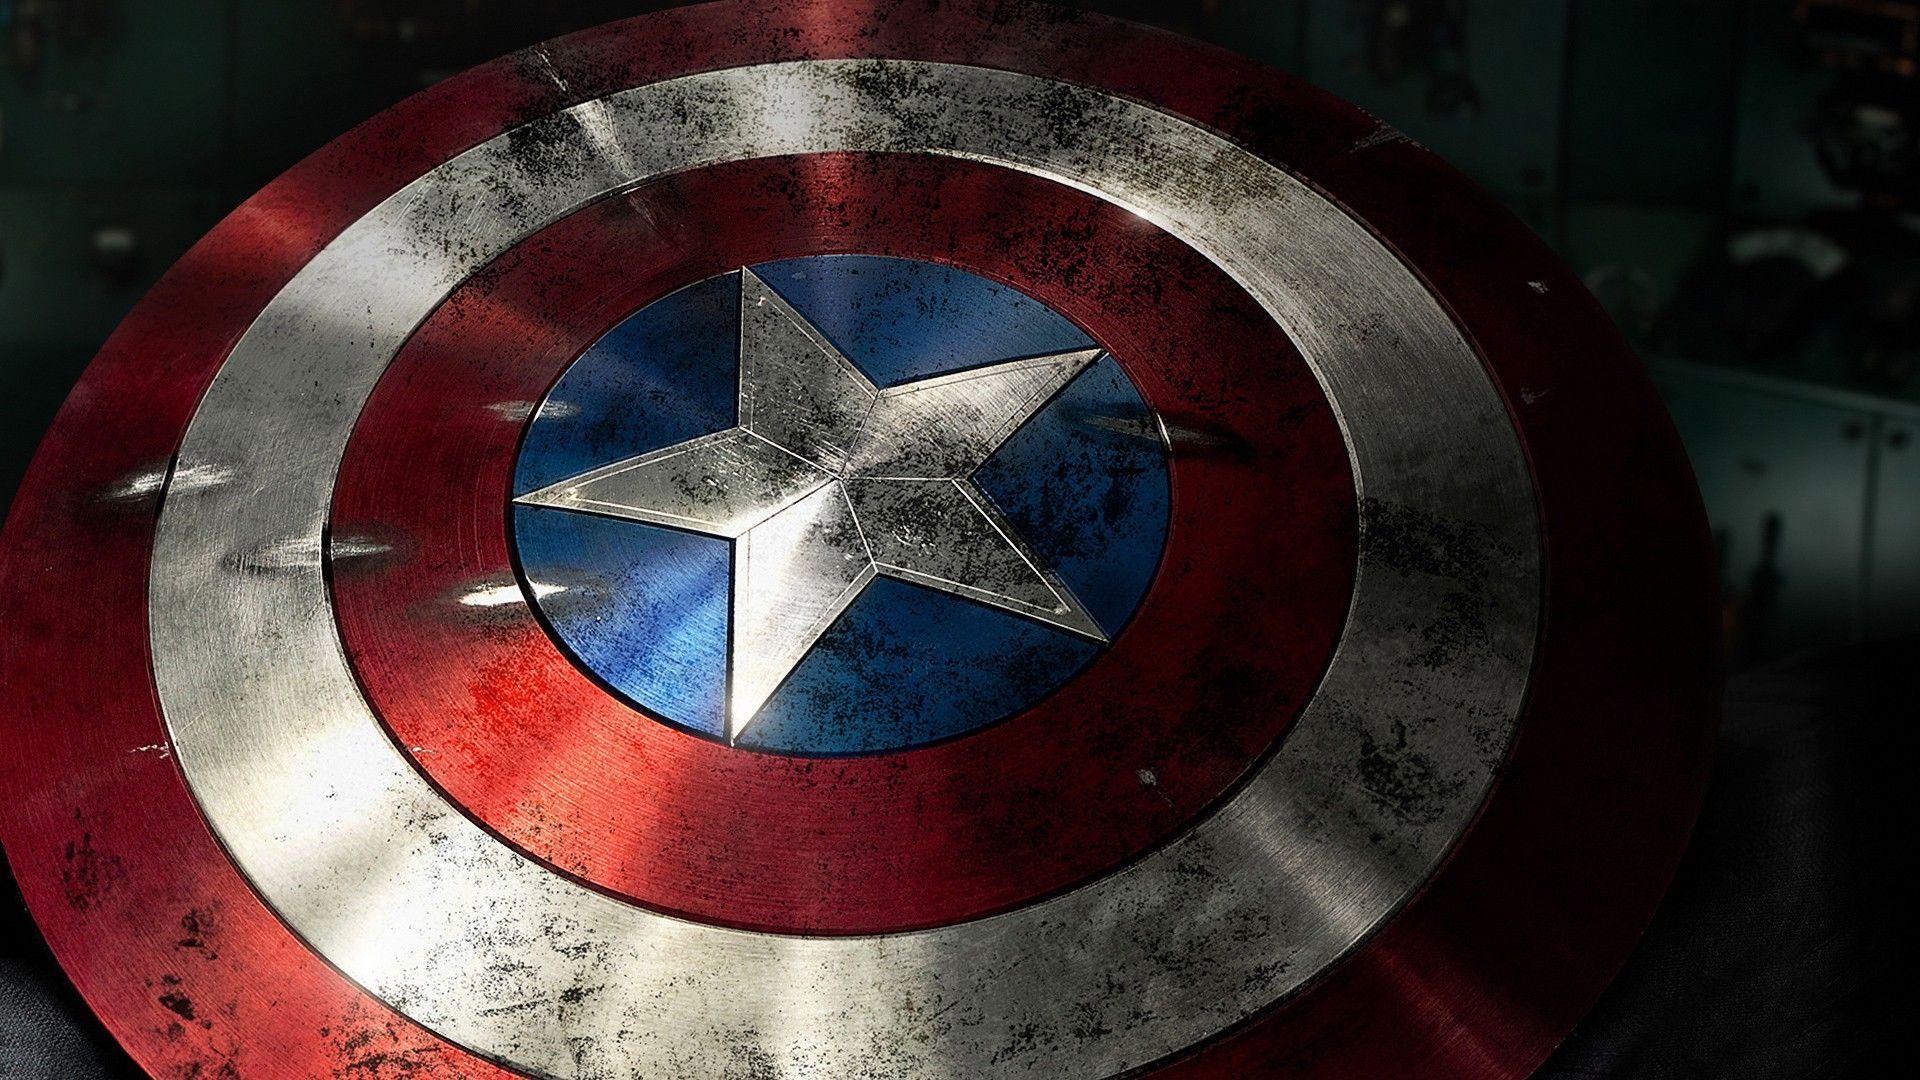 Captain America 4k Wallpapers Wallpaper Cave